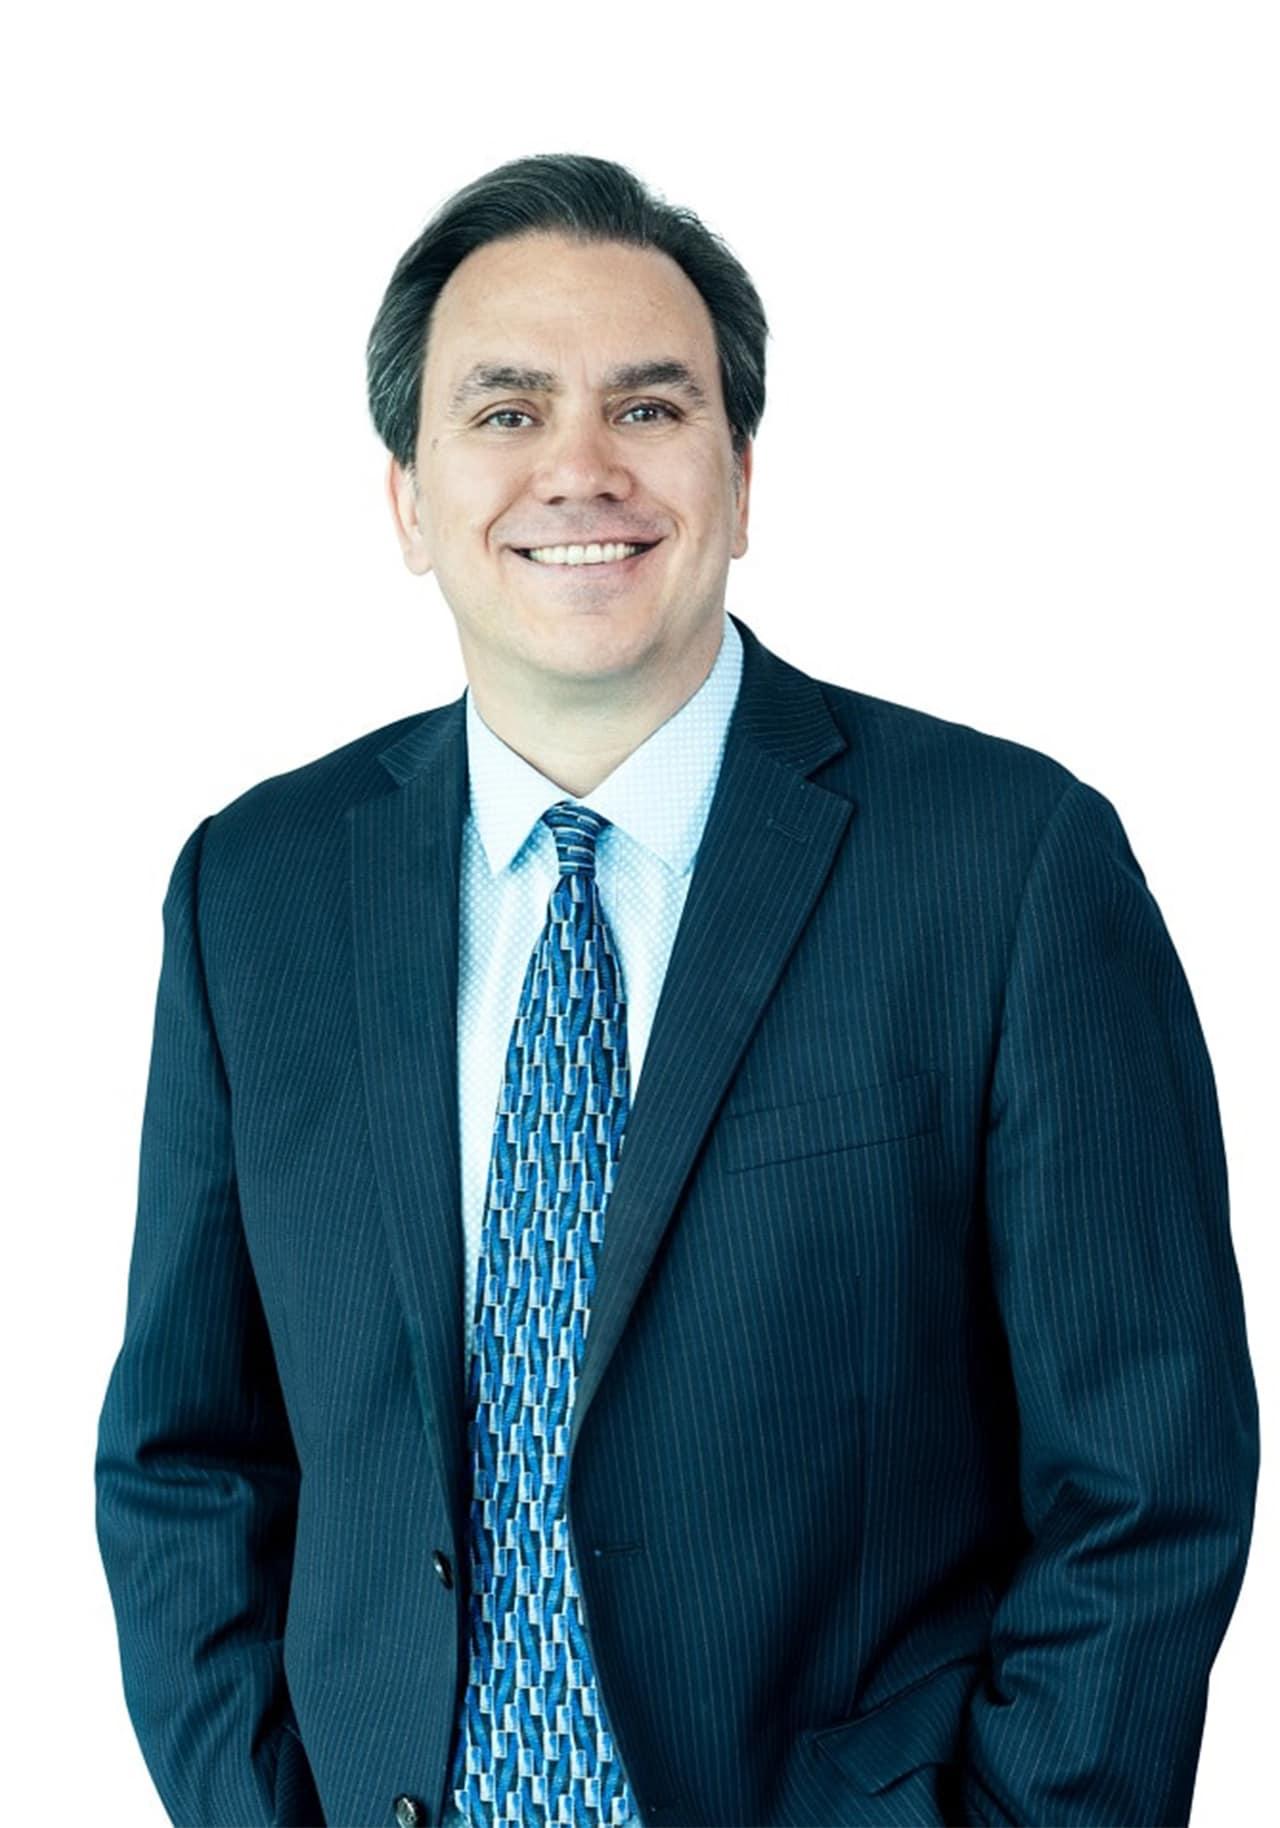 Joe Berta